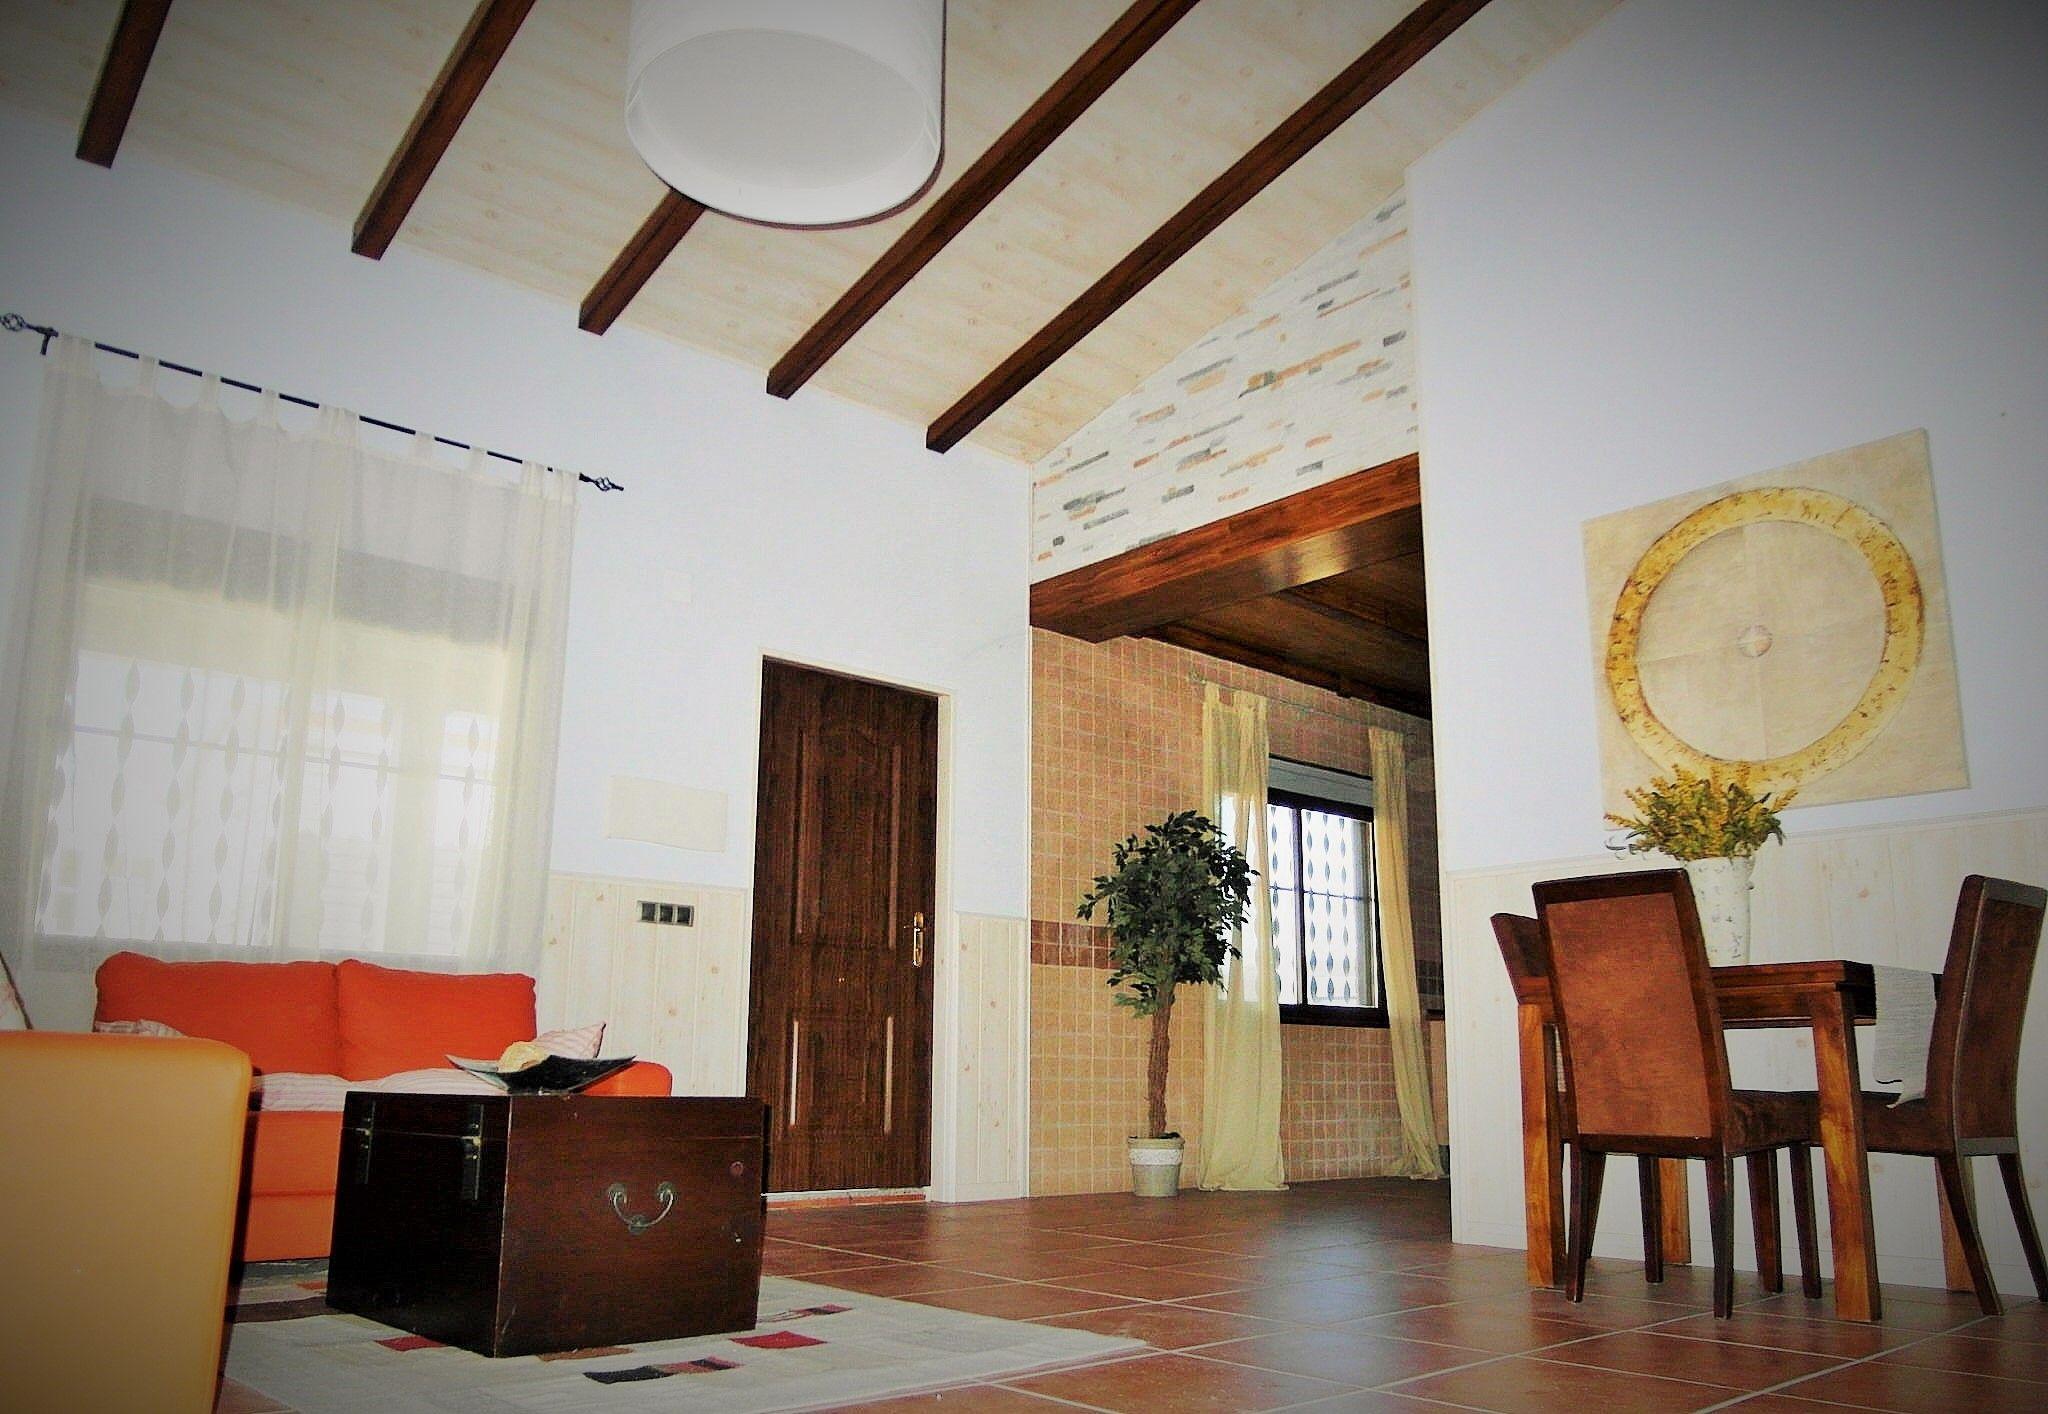 Salon vivienda prefabricada salon amplio con techos altos - Viviendas de acero ...